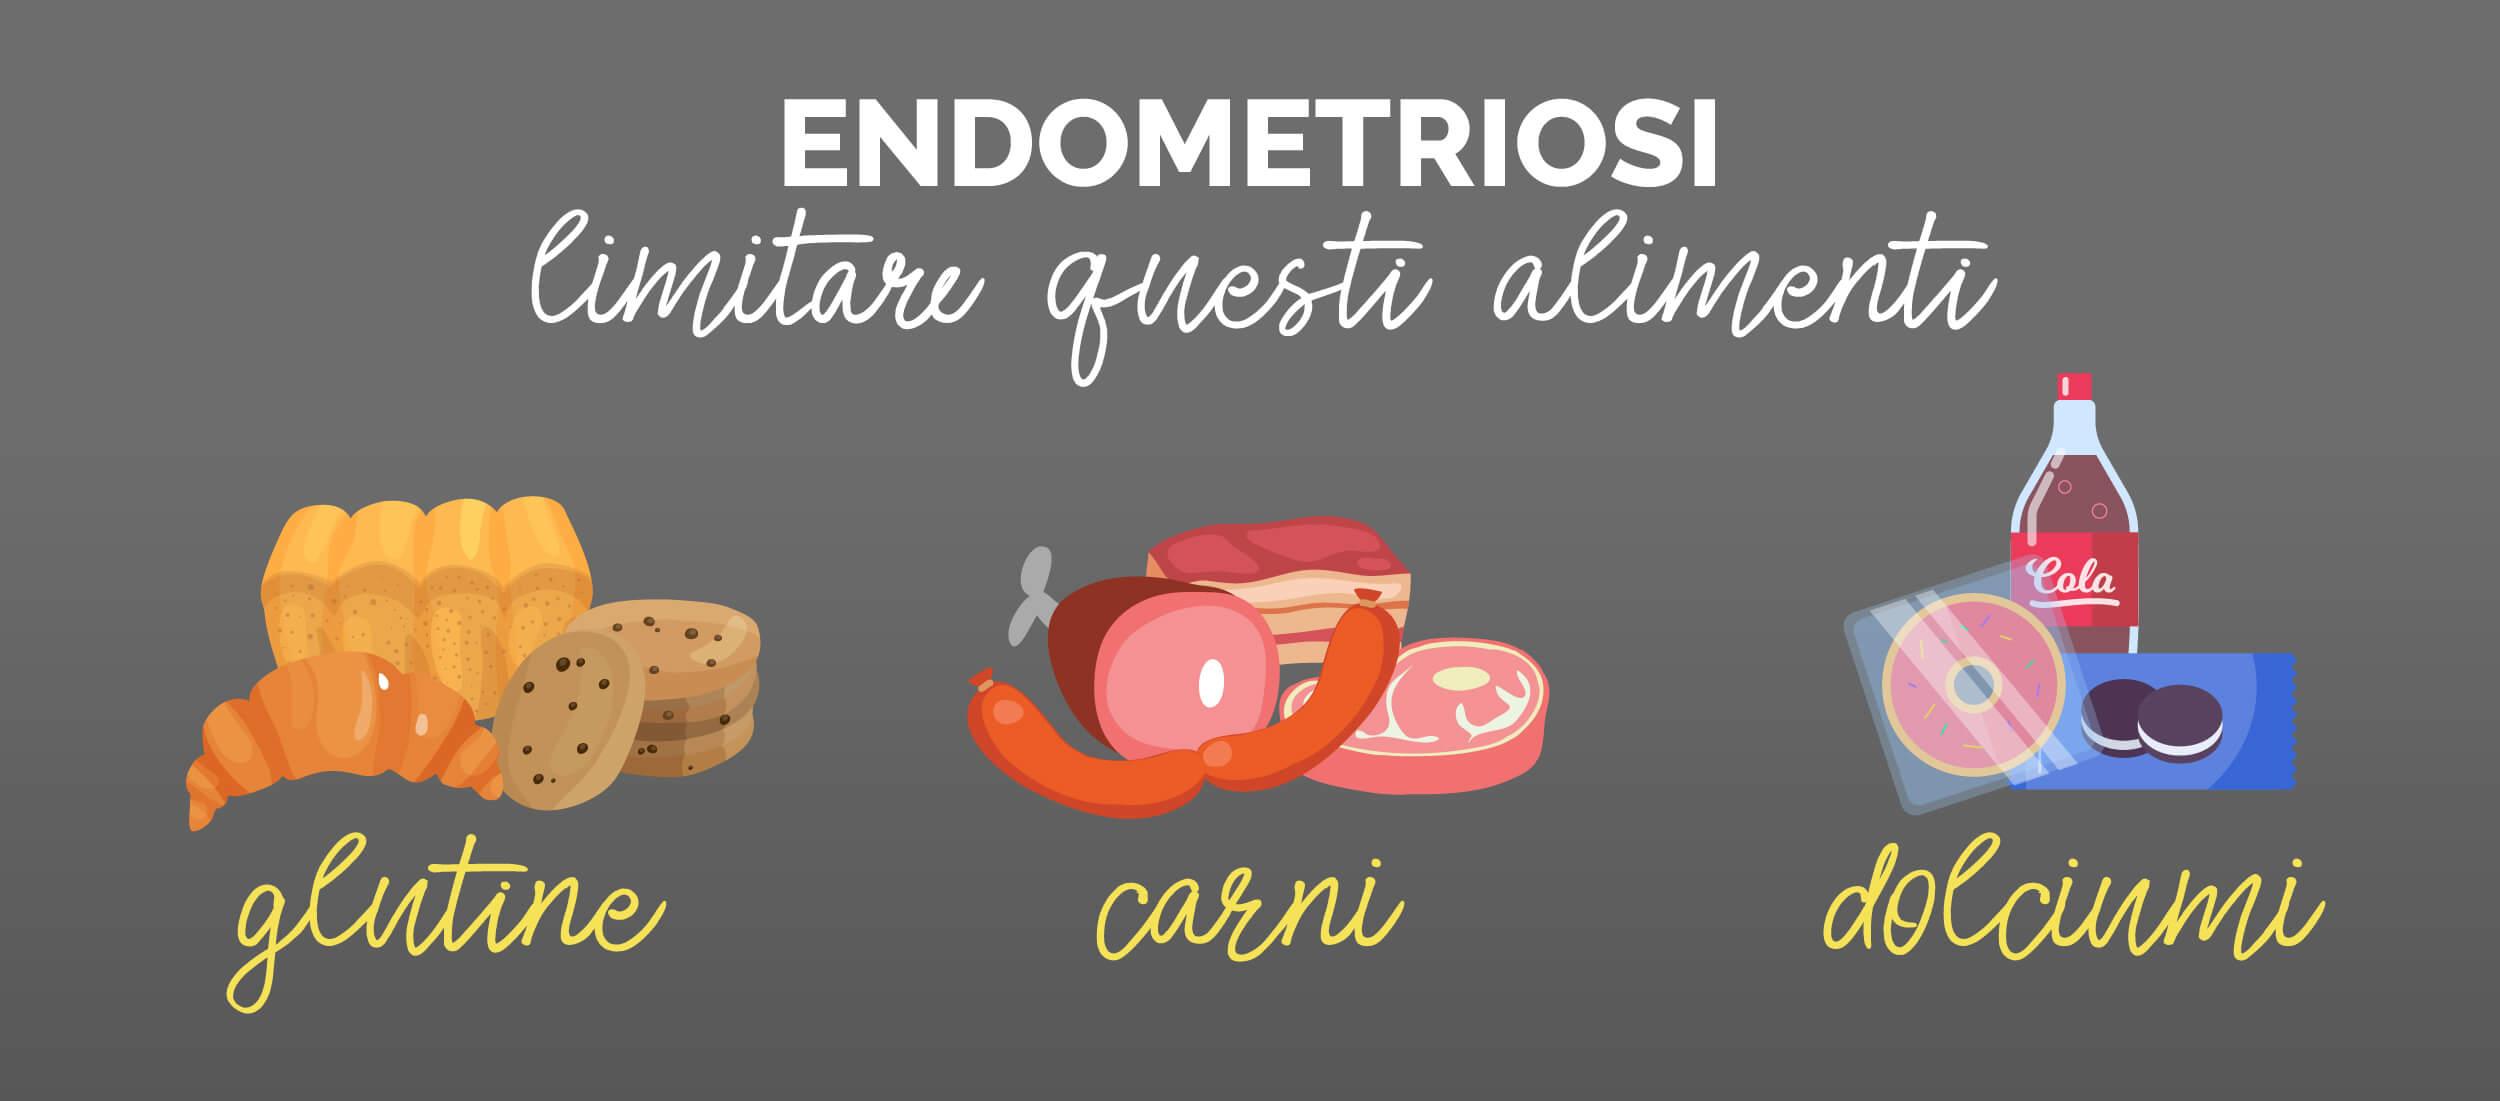 endometriosi alimenti da evitare